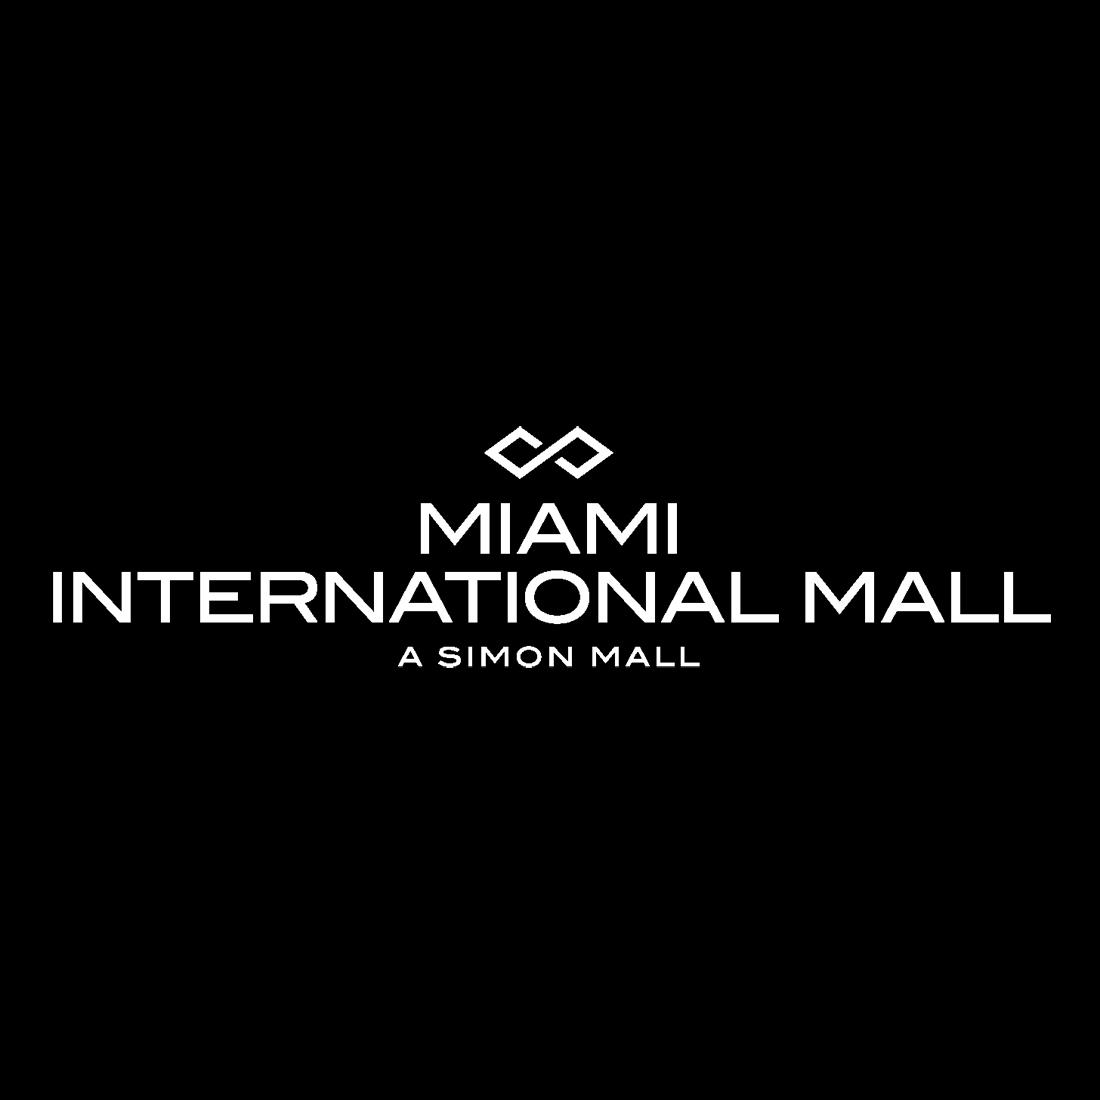 68e454984 Miami International Mall 1455 NW 107th Ave Doral